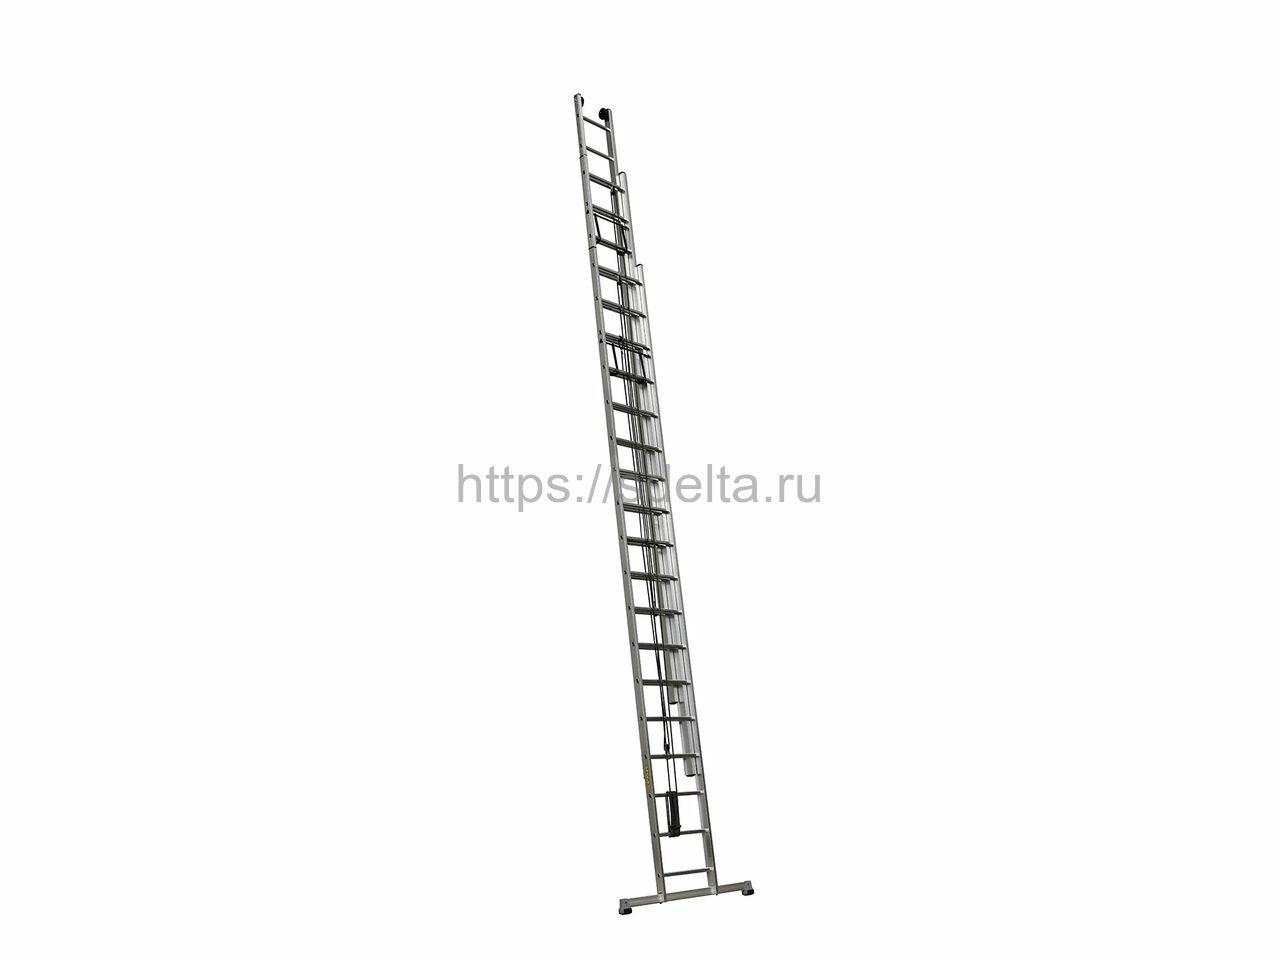 Лестница выдвижная трехсекционная алюминиевая Centaure PEC 3х15